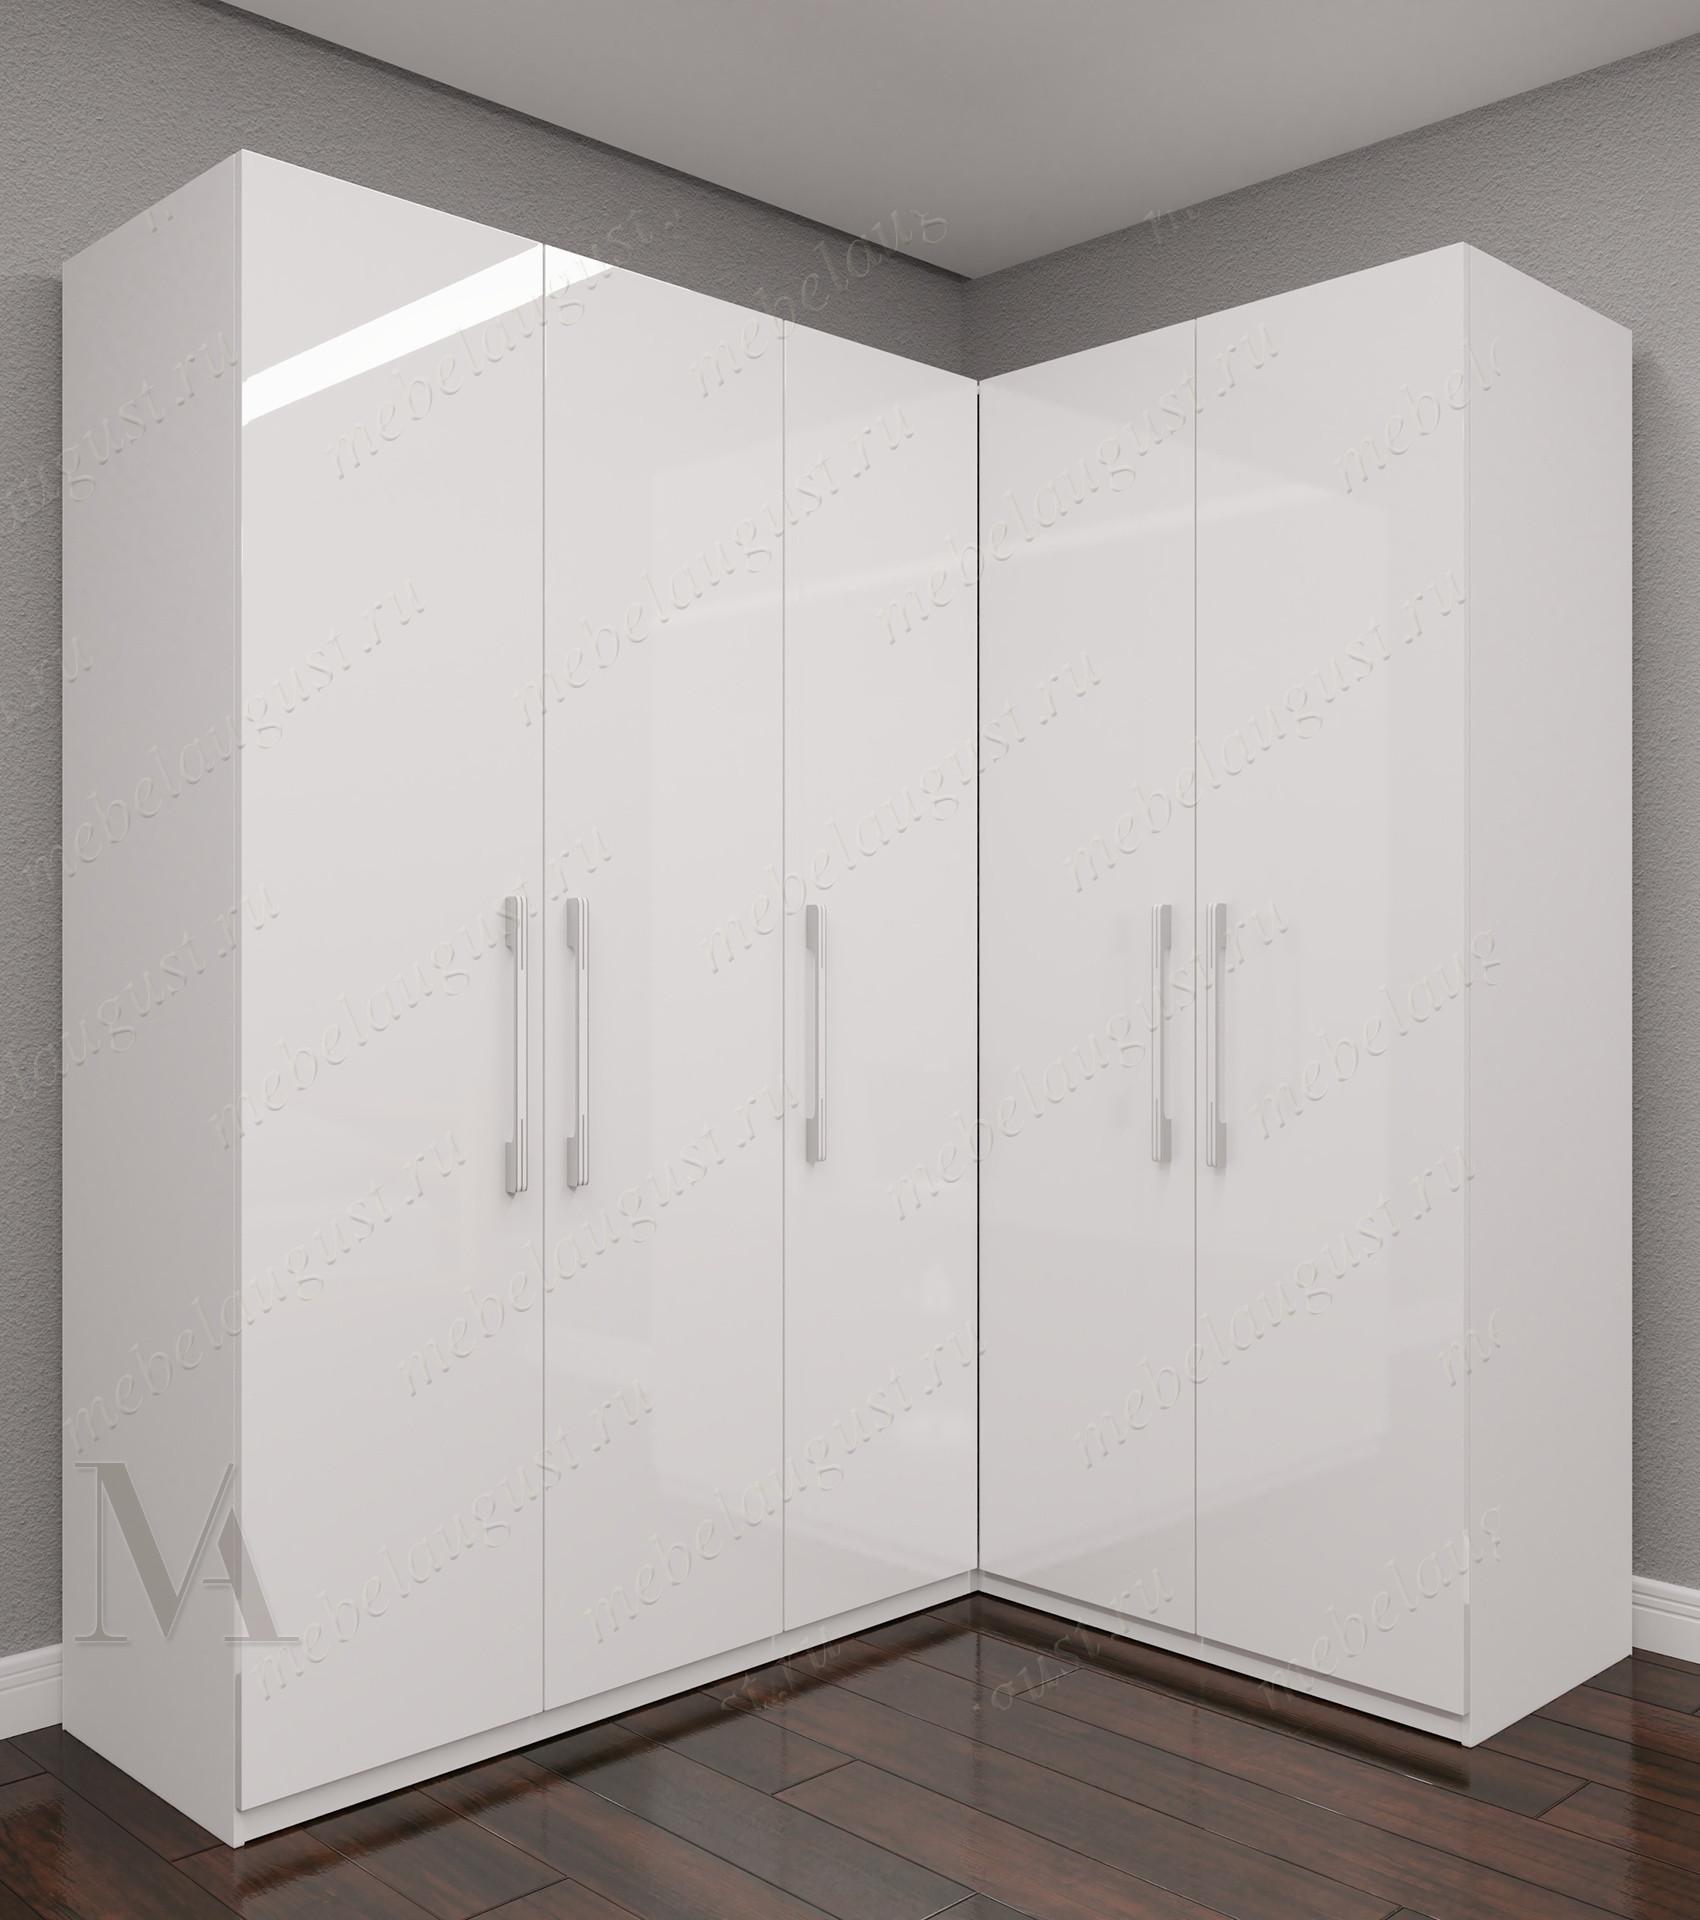 Белый глянцевый большой угловой распашной шкаф для одежды в коридор